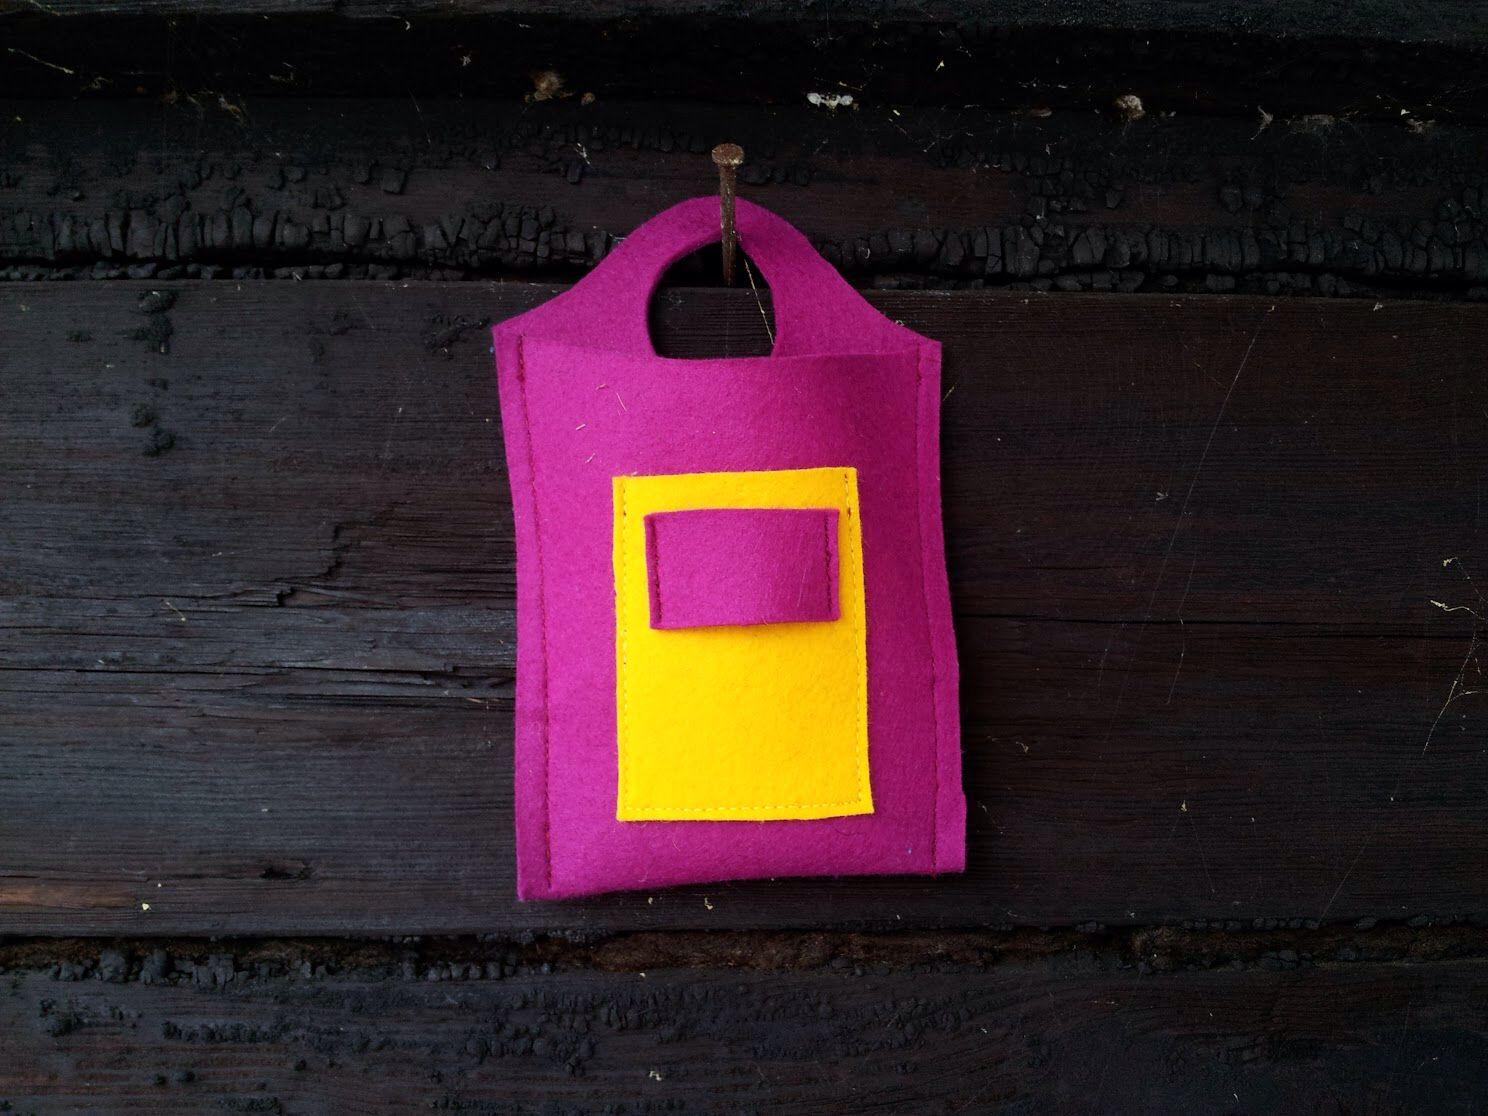 Leeni Finland ideoi laadukkaasta huovasta pienille ja tarpeellisille pikkutavaroille omia ratkaisuja. Pieni pussukka avaimille ja kännykälle. #leenifinland #saunahat #mökki